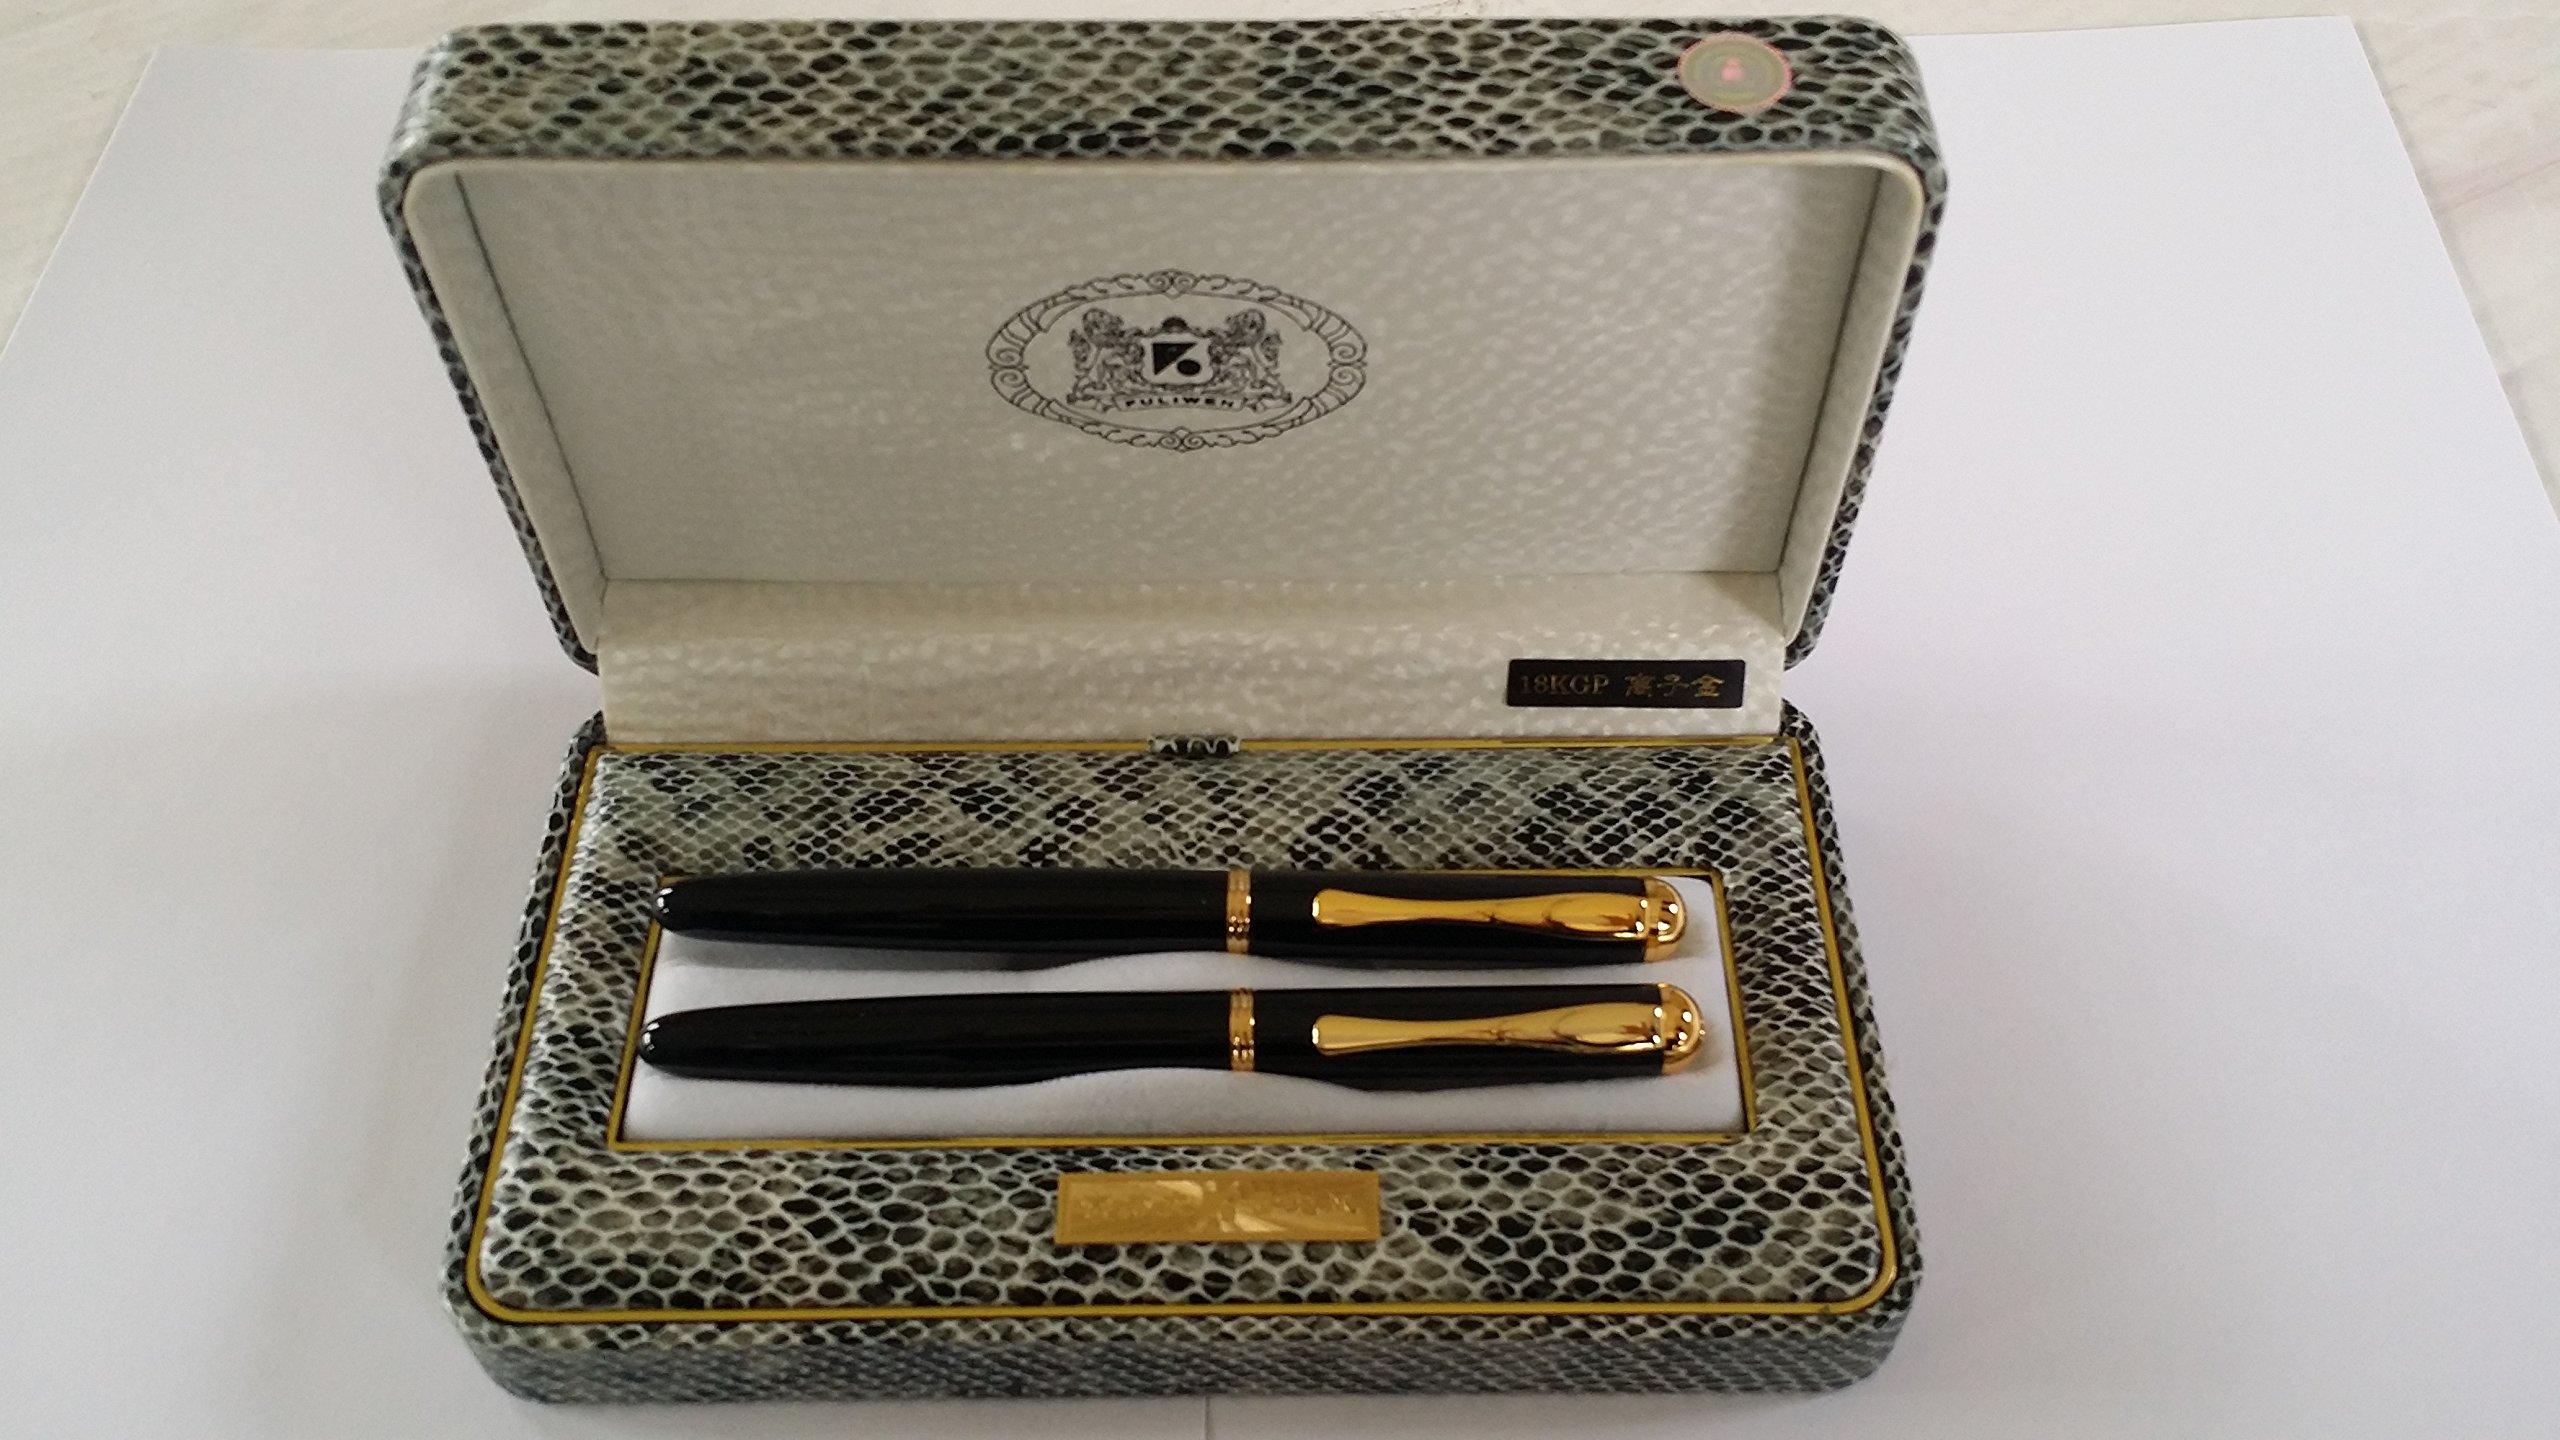 Bolígrafo de punta y con cuchara pluma estilográfica 18 K en chapado en oro de piel de caja de presentación: Amazon.es: Oficina y papelería